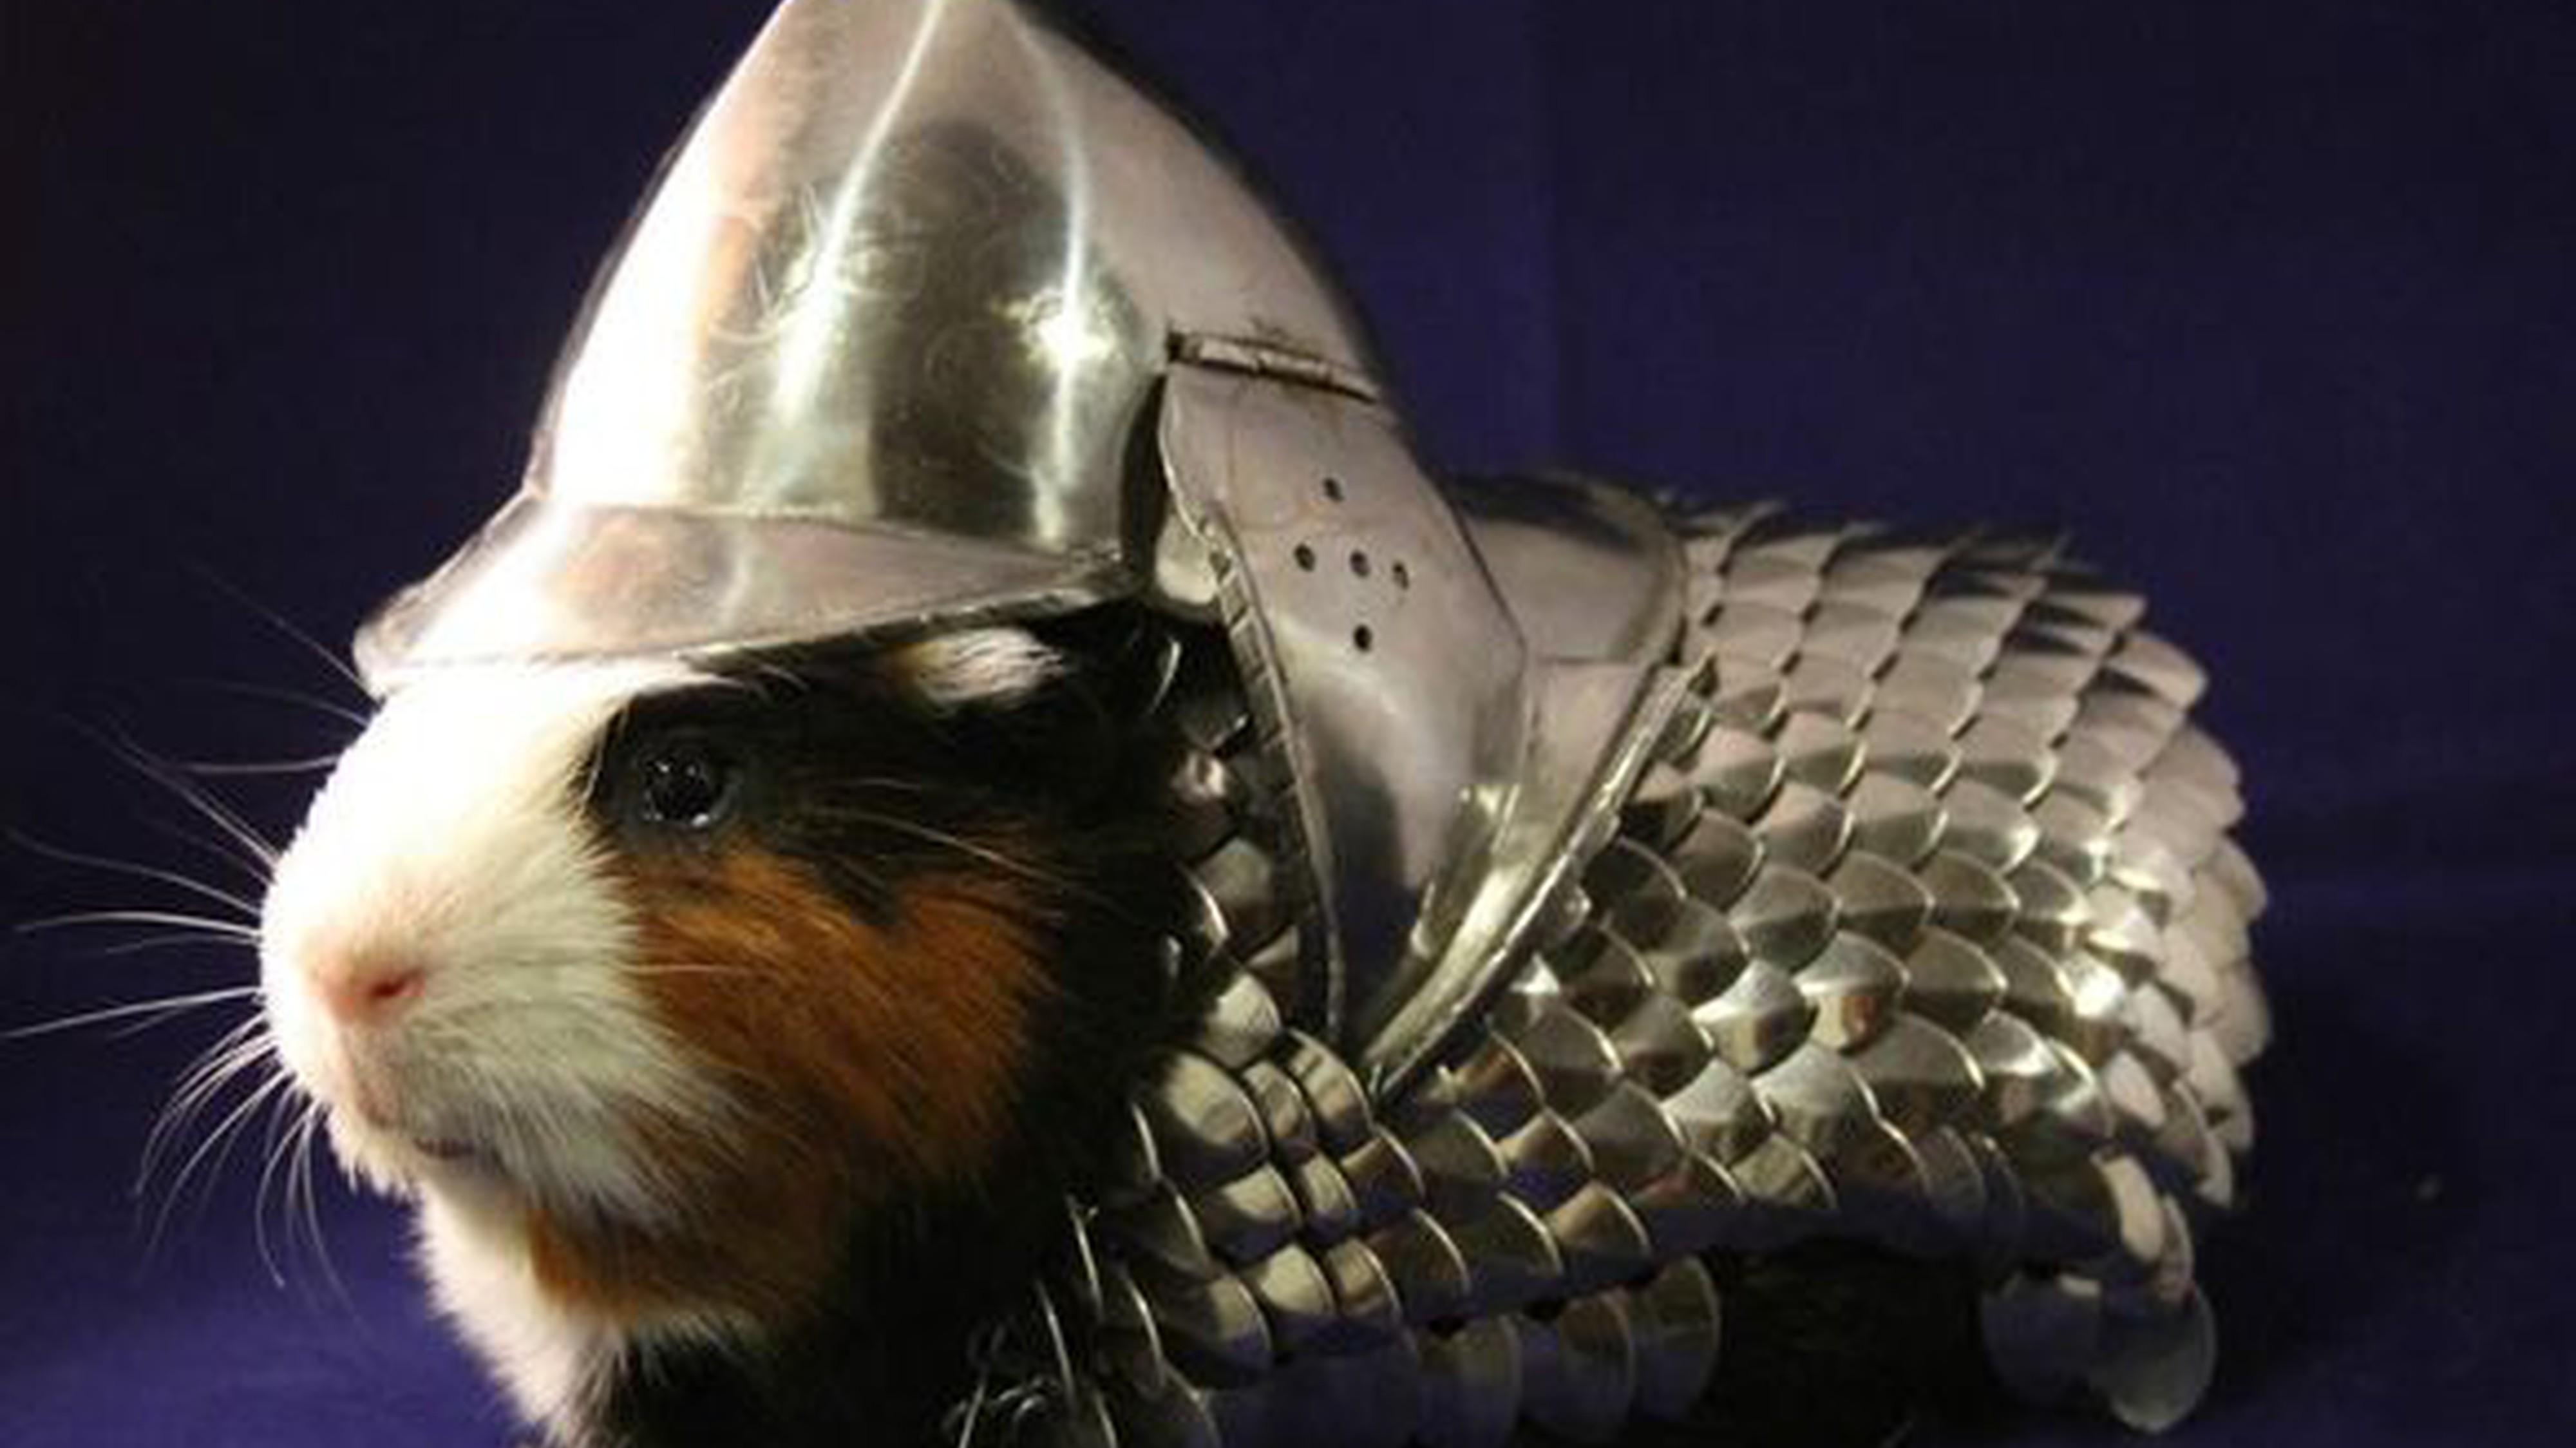 Eine Meerschweinchen-Rüstung und 9 weitere Dinge, die sich reiche Menschen halt so leisten